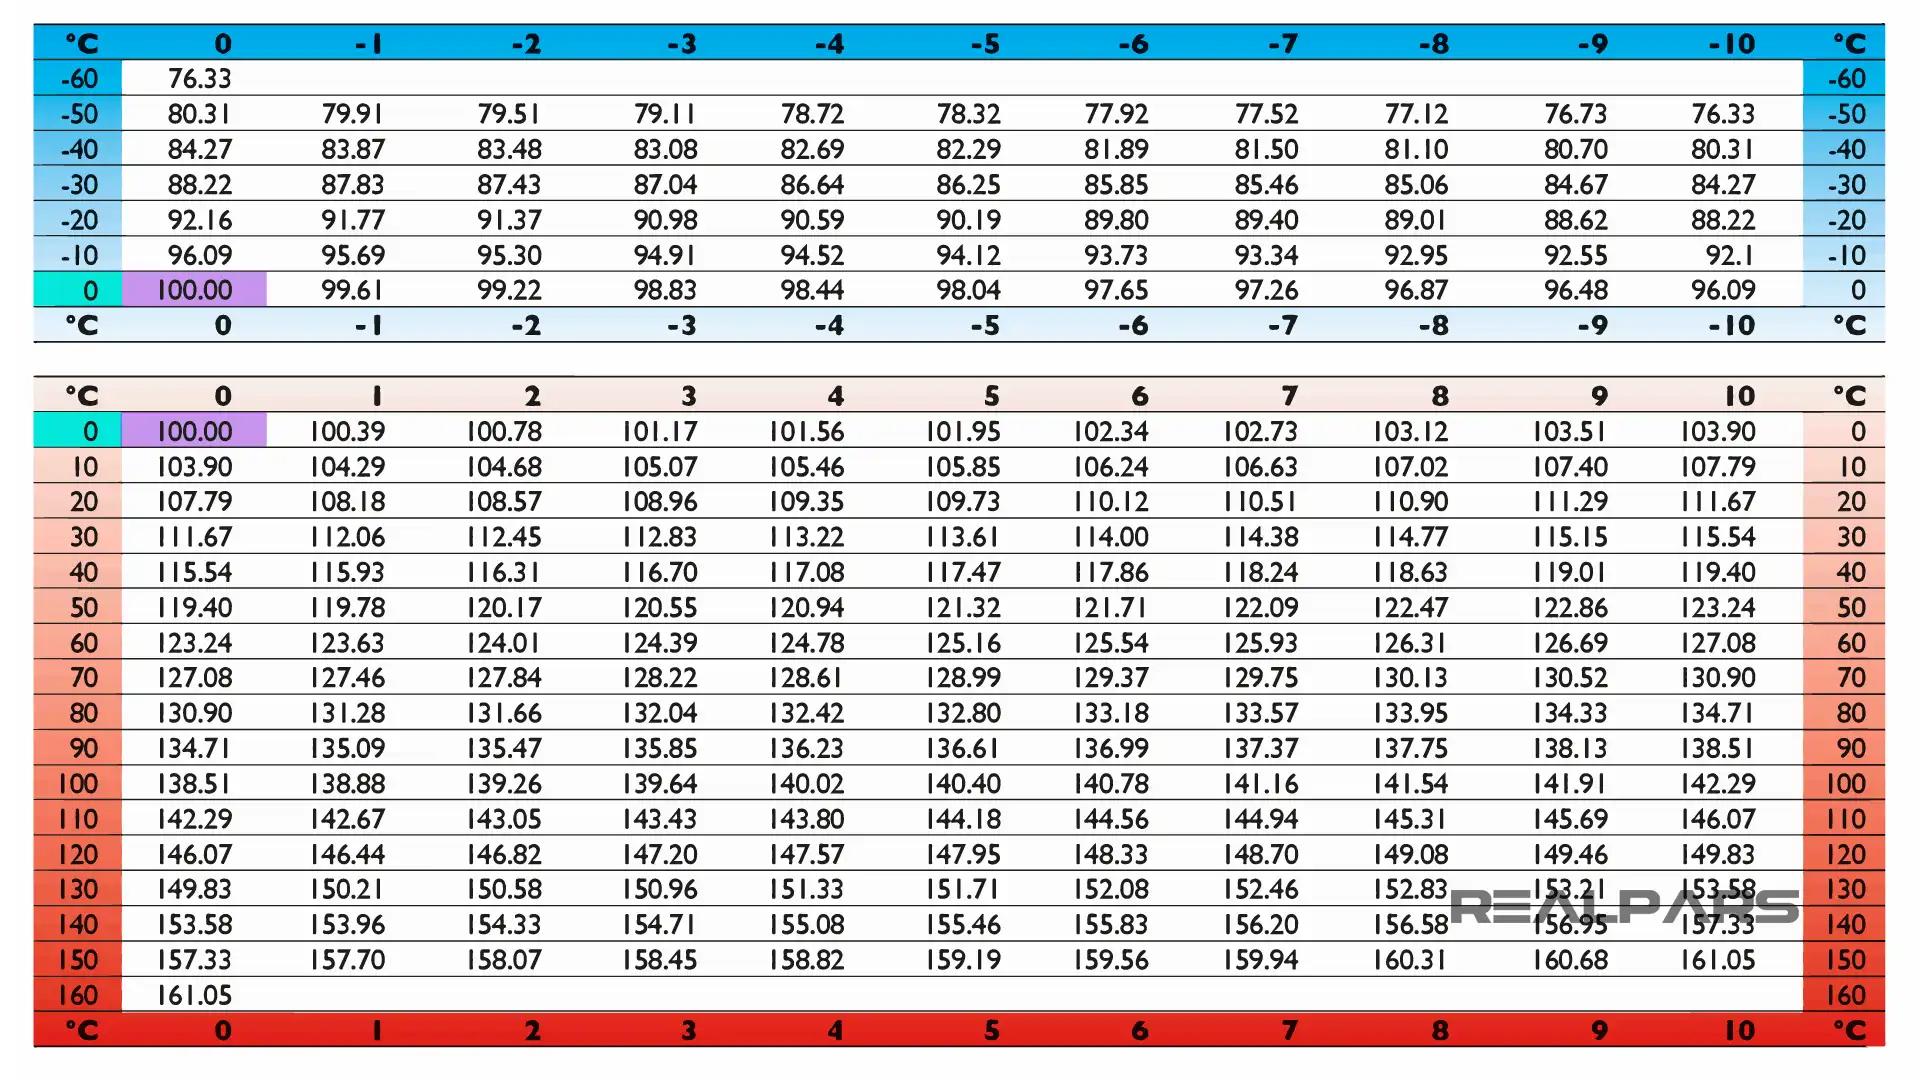 Bảng tiêu chuẩn nhiệt độ PT100